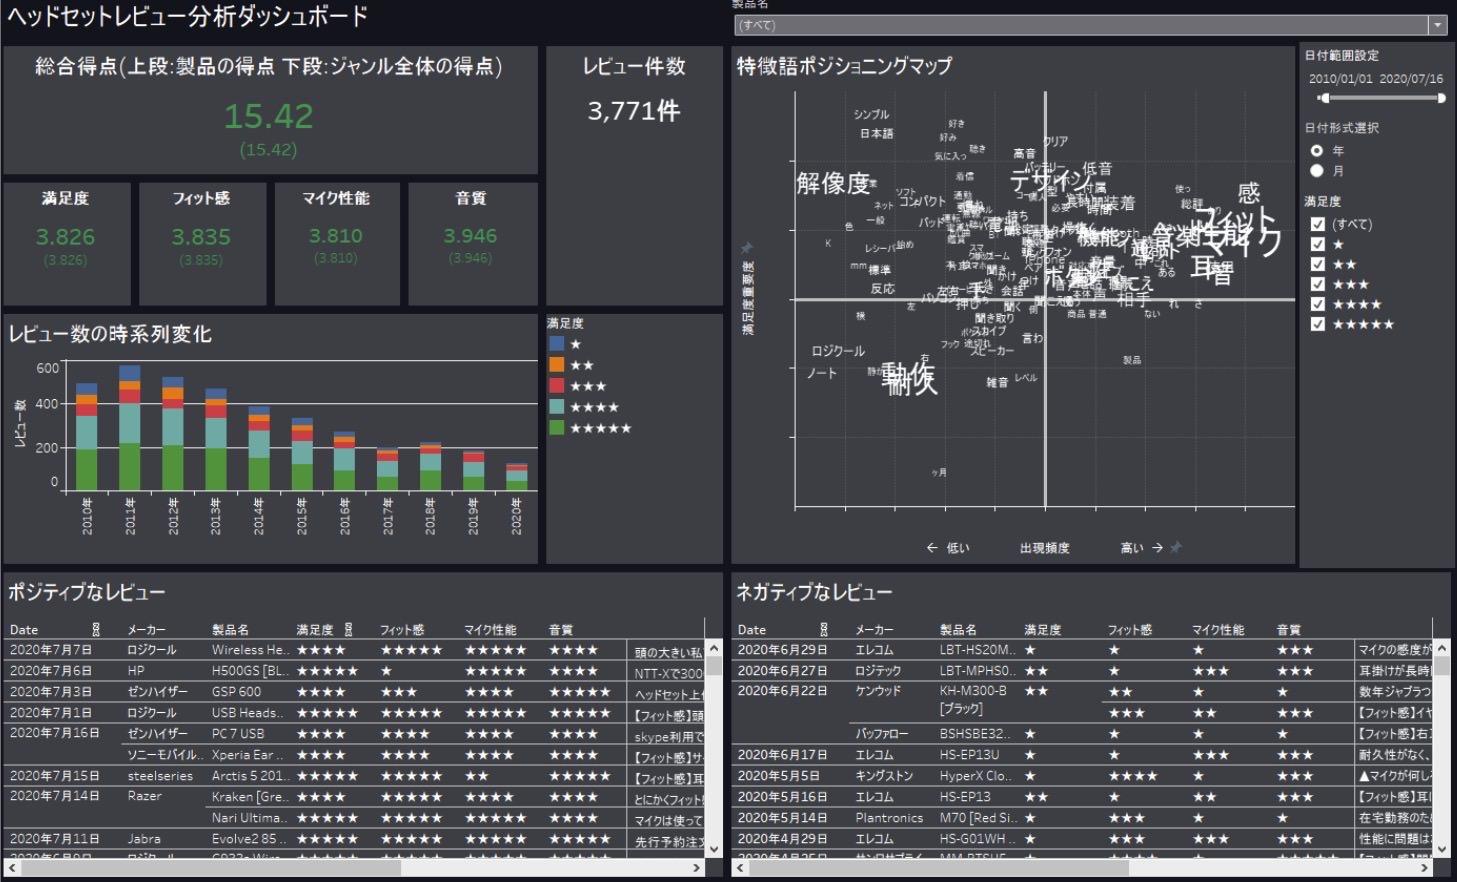 Tableauによりその他様々なデータと連携・可視化